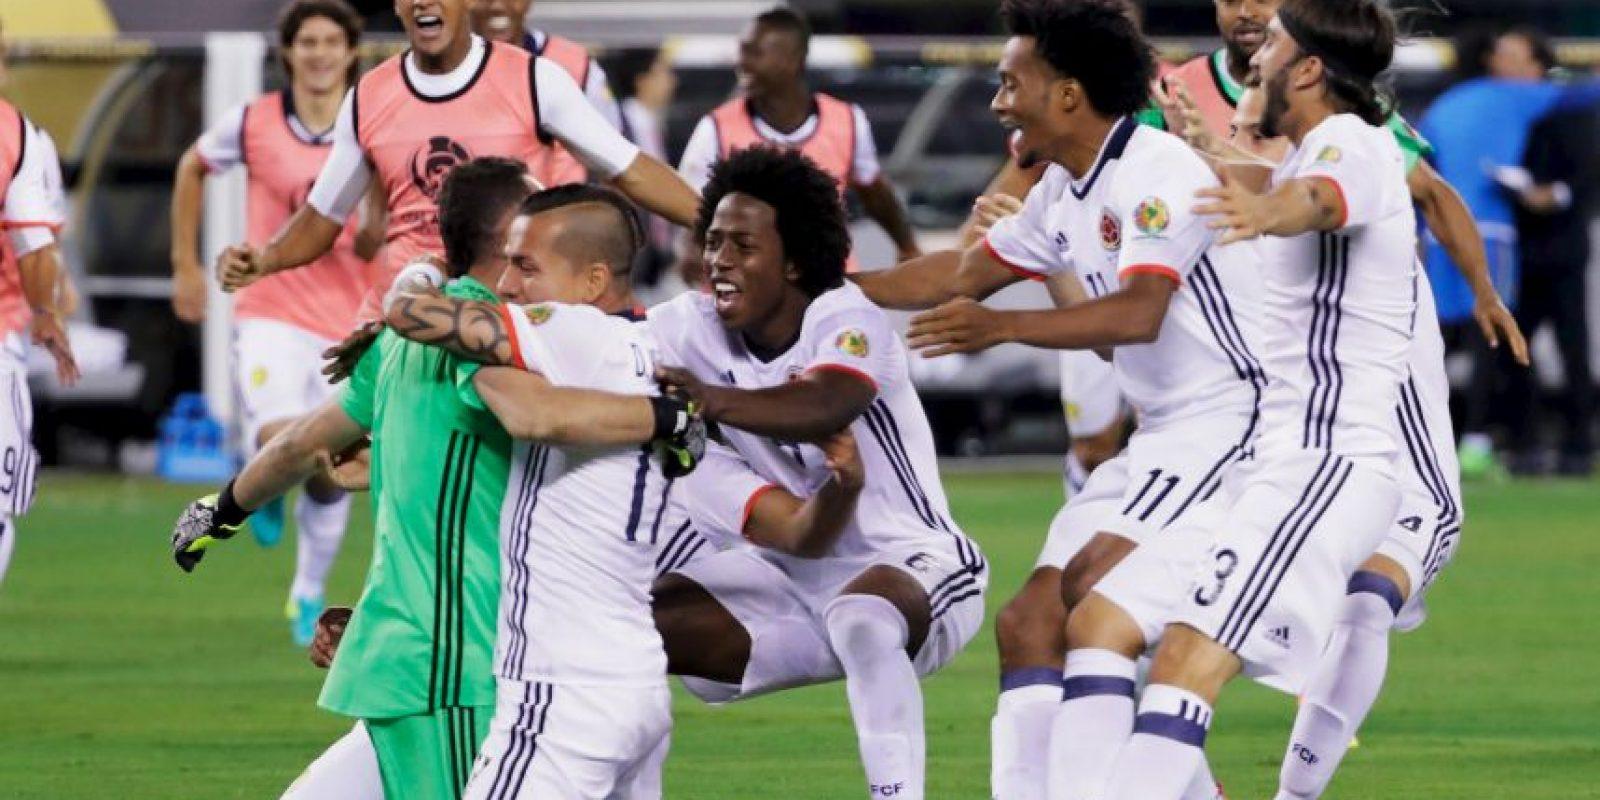 Colombia venció en penales a Perú y se ganó el cupo en la semifinal de la Copa América Centenario Foto:Getty Images